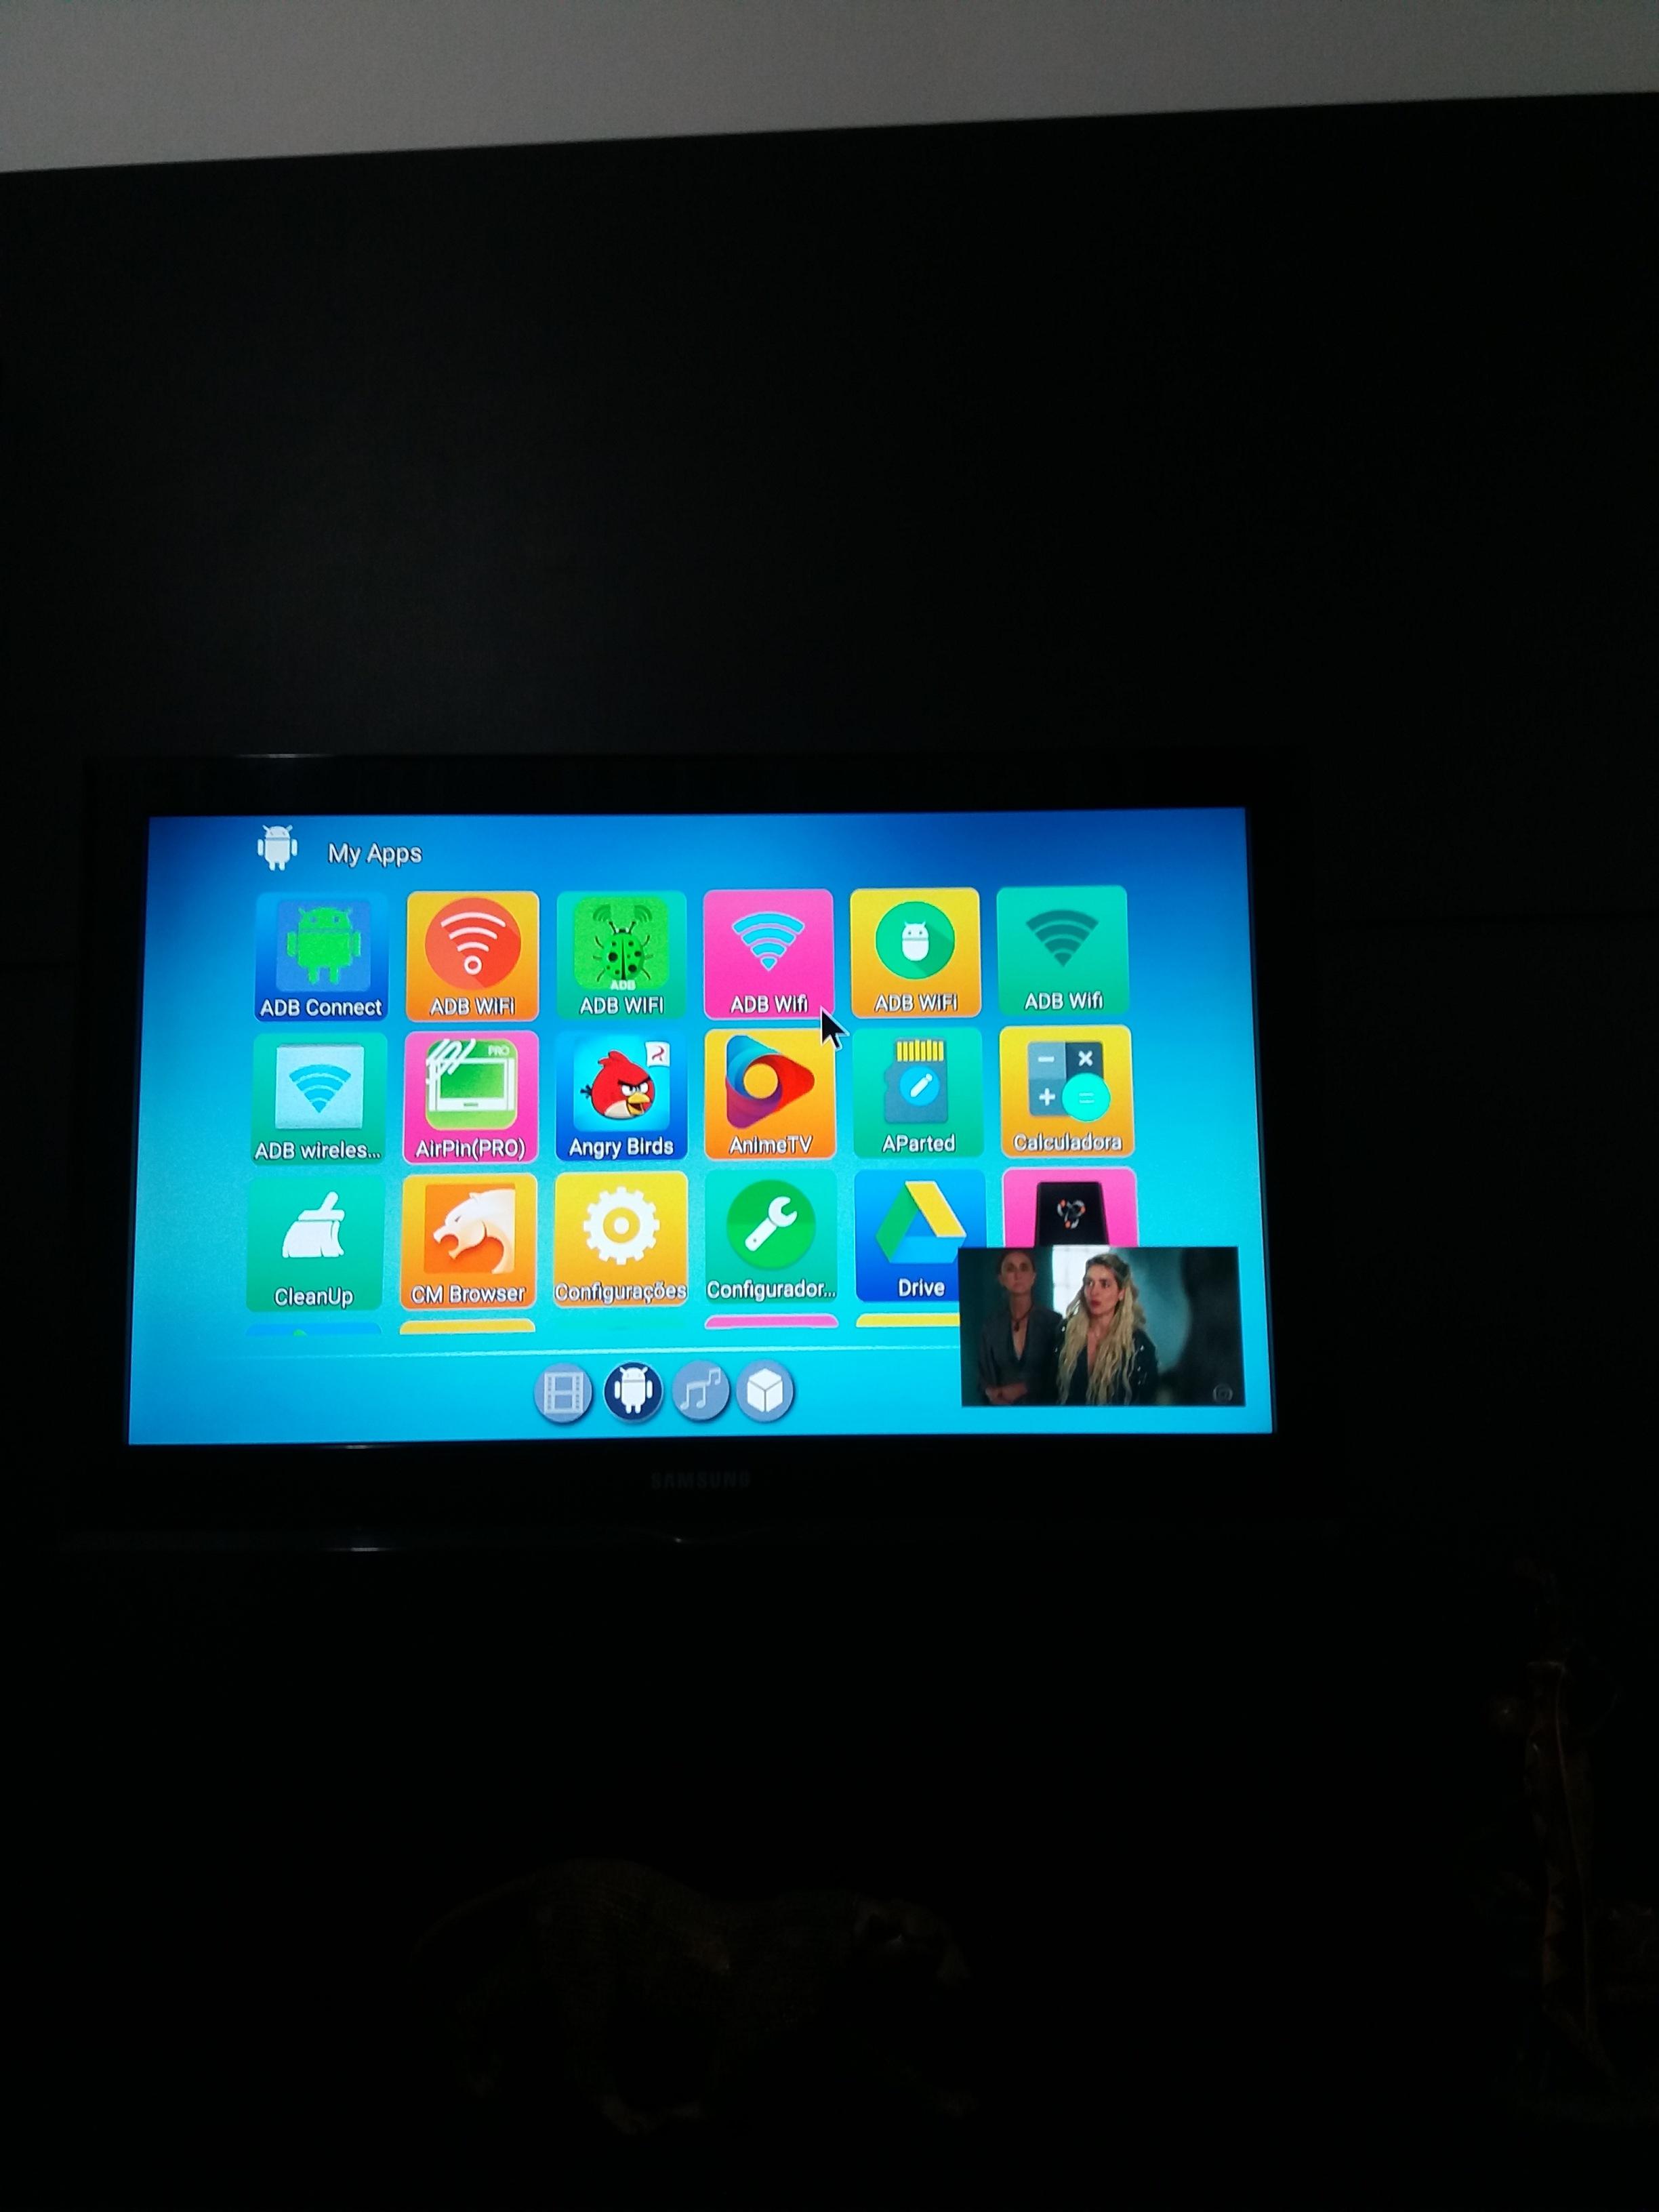 Android tv box MX9 preciso dica de como regravar memoria